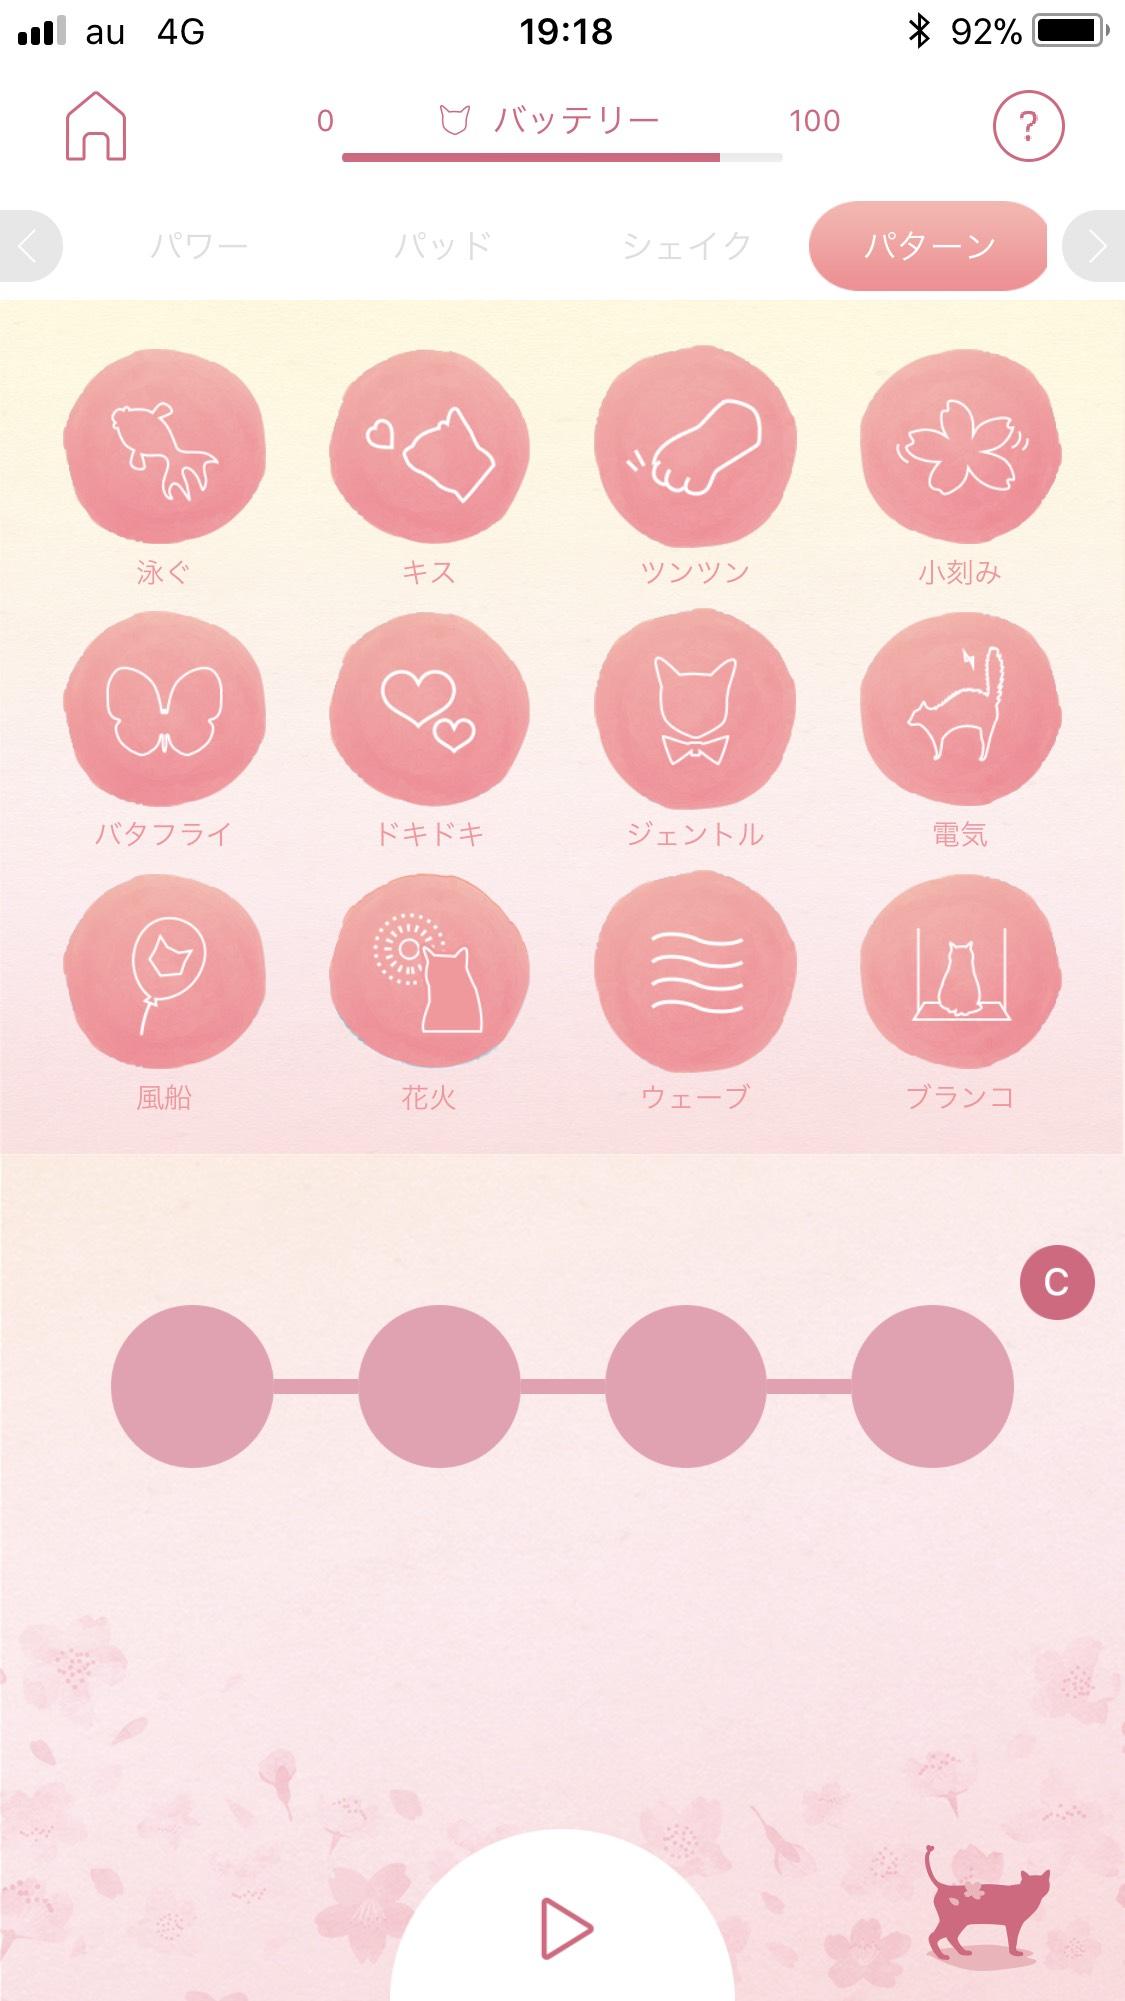 LCラブコスメのさくらの恋猫振動パターン診断チャート画像